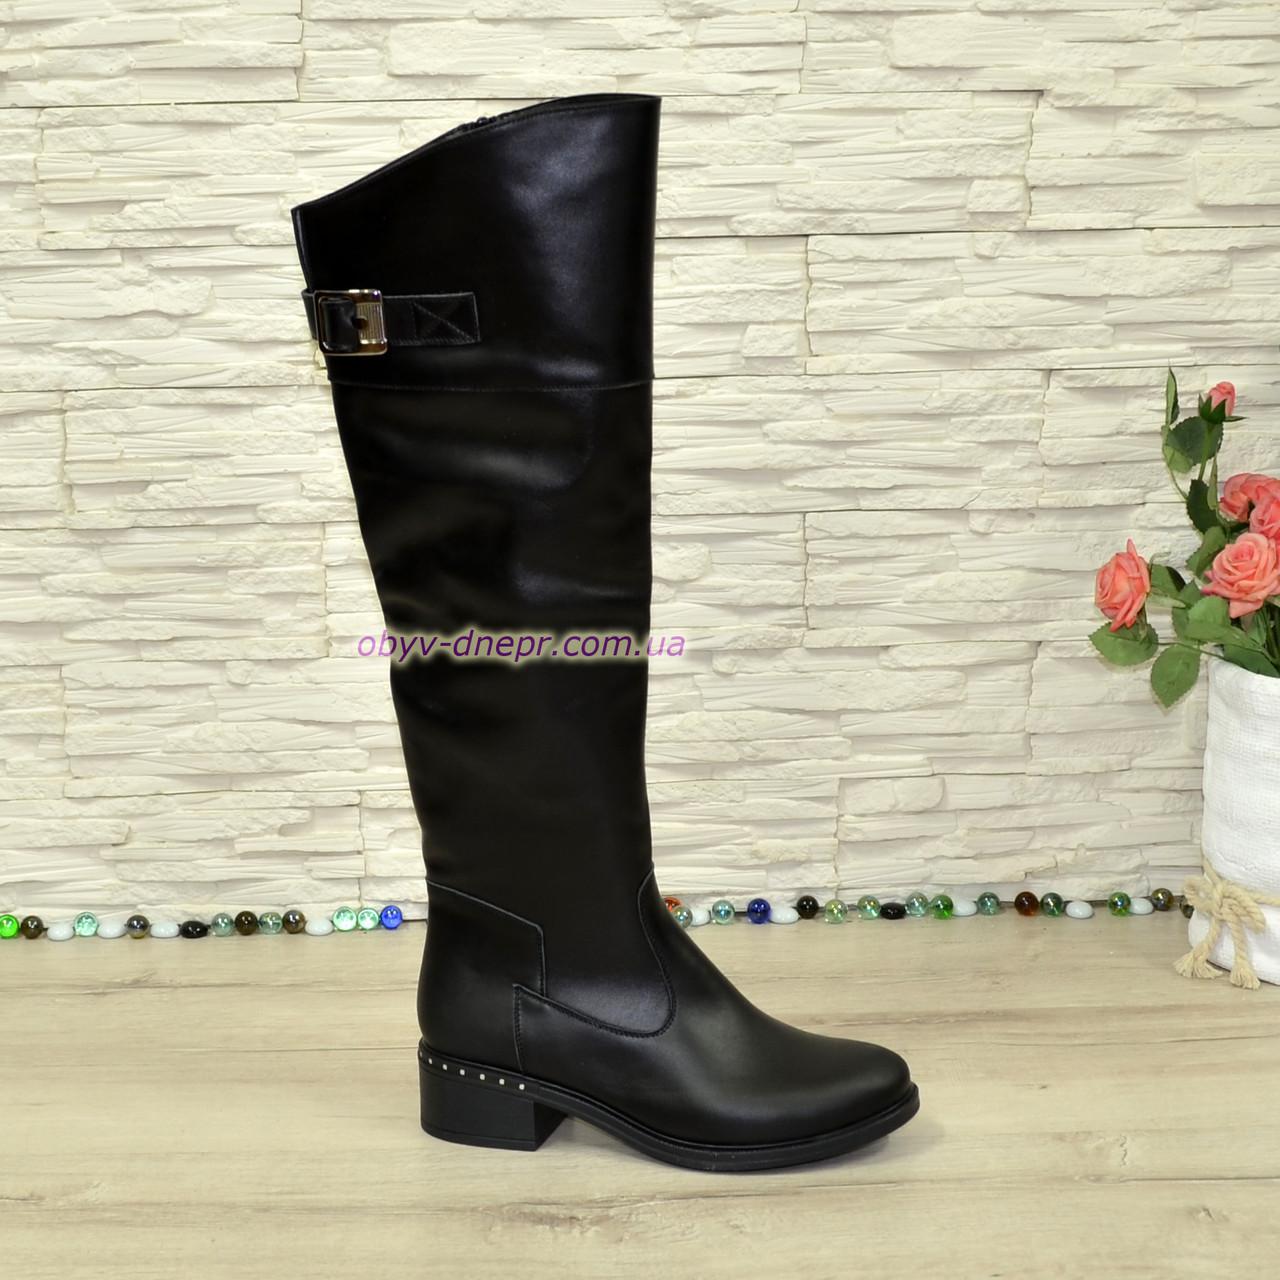 Ботфорты кожаные женские демисезонные на каблуке, черного цвета. 40 размер